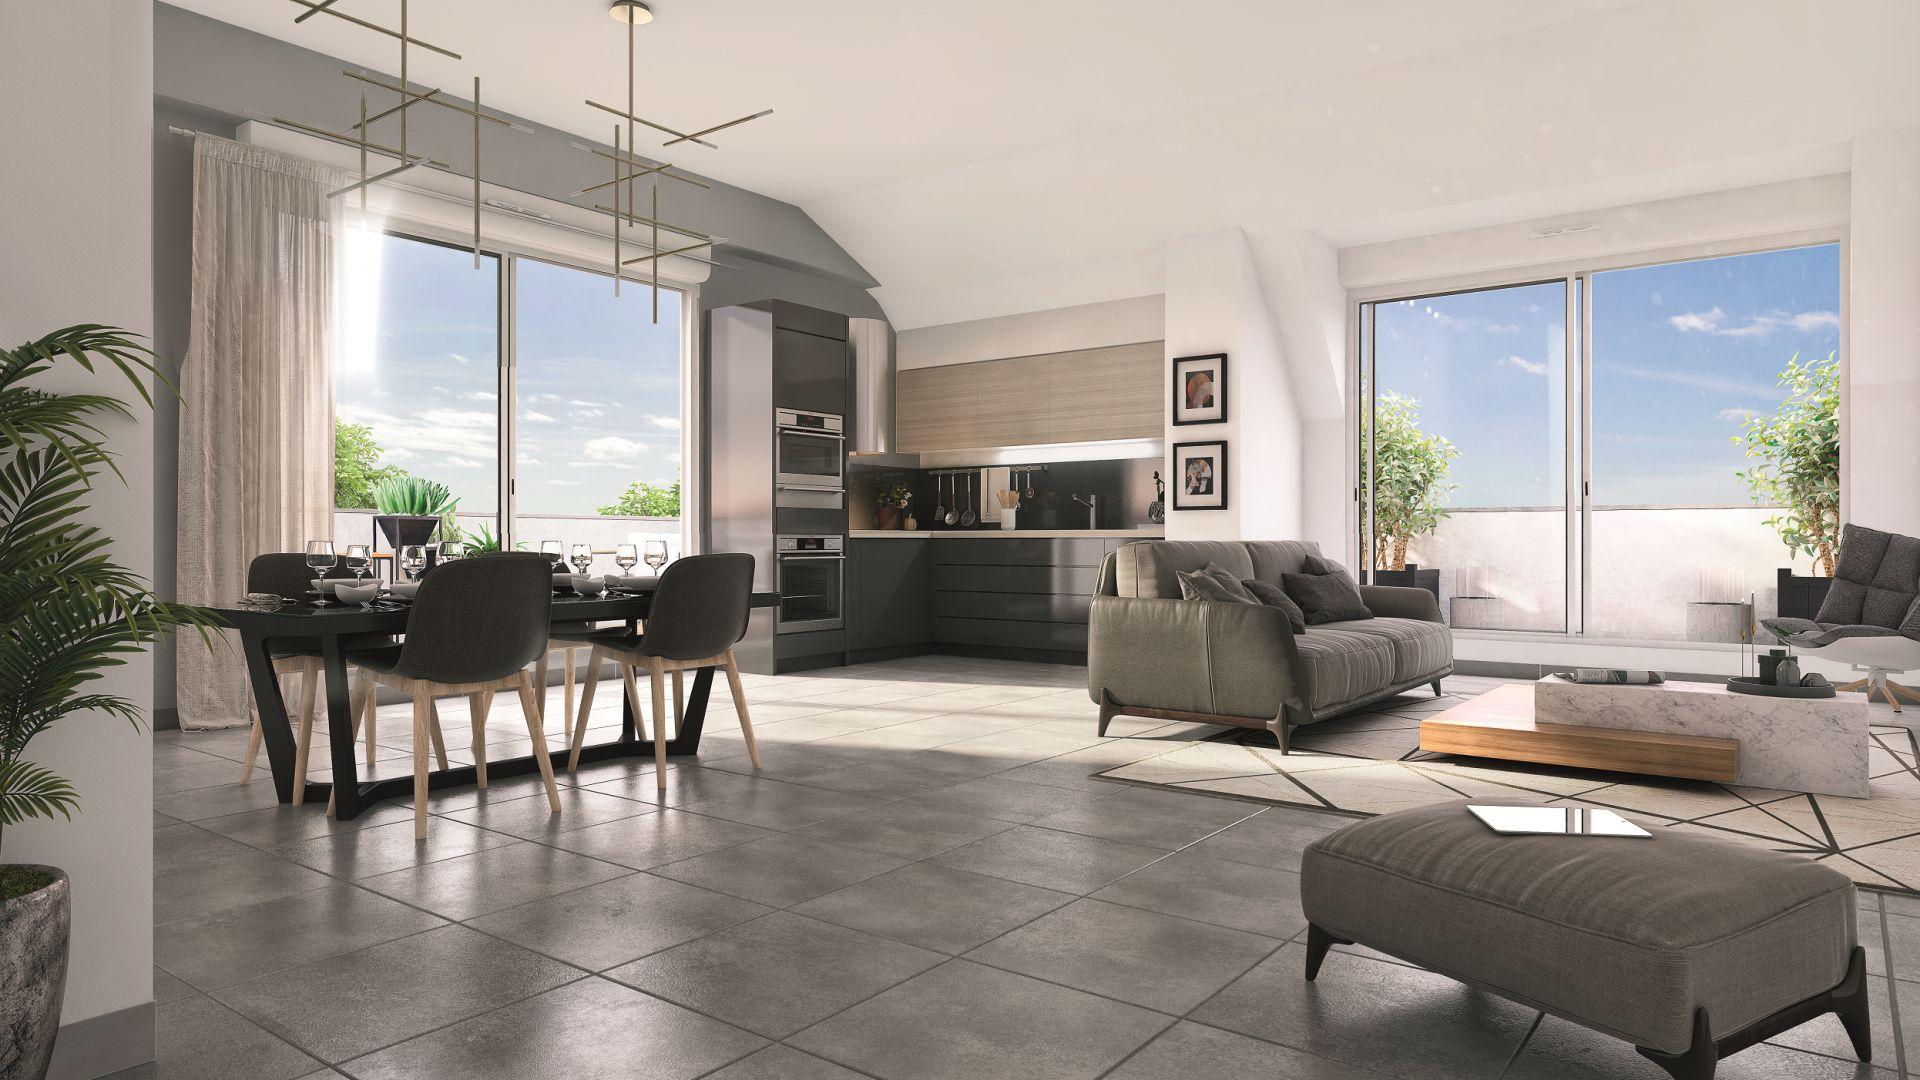 GreenCity immobilier - Toulouse - route de Narbonne - 31400 - Résidence L'Absolu - appartements neufs du T2 au T4 - vue intérieure